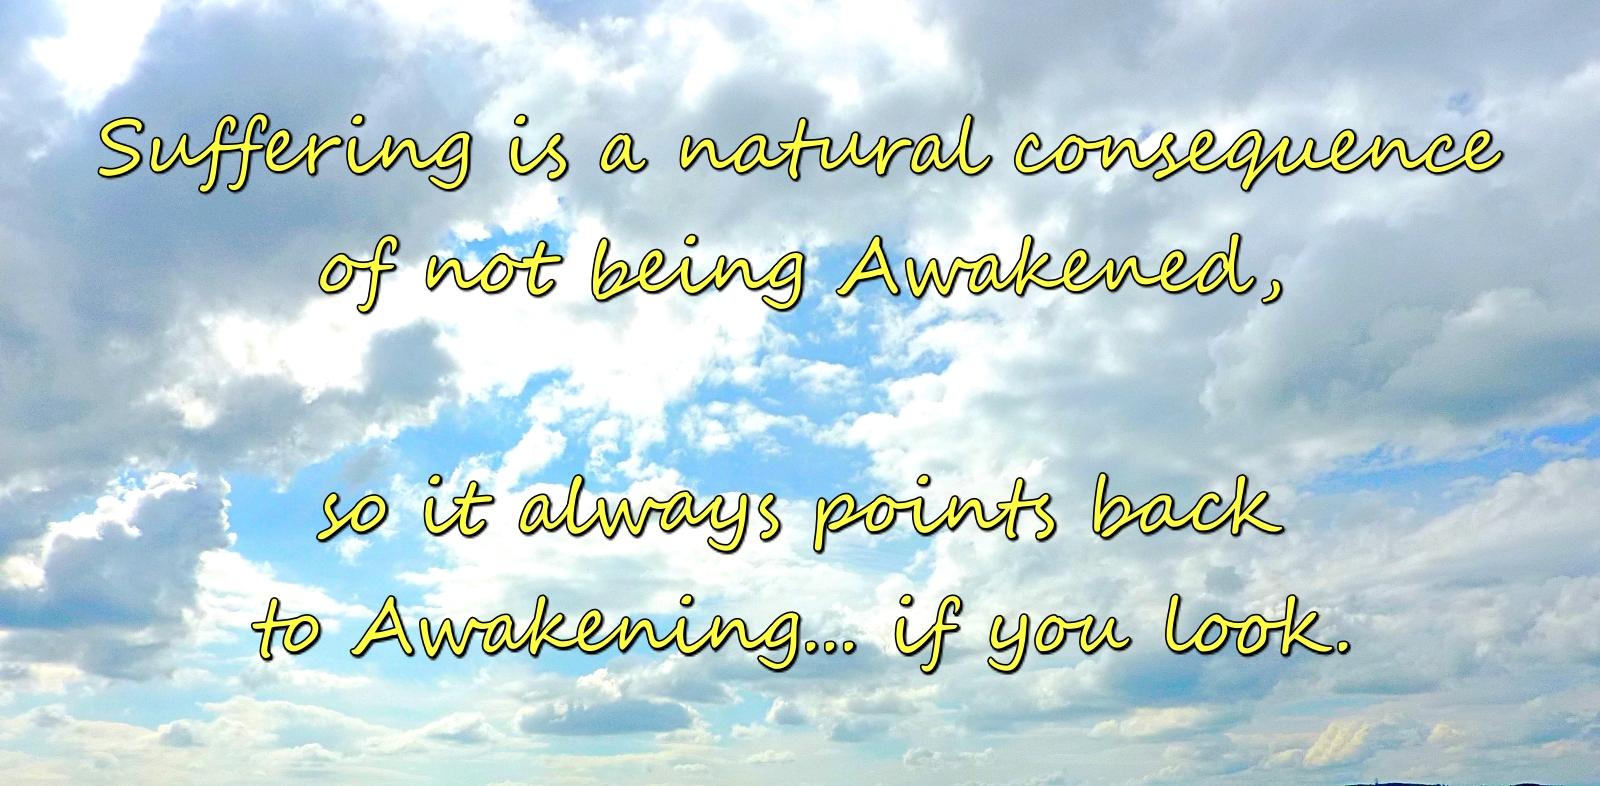 suffering points back to Awakening